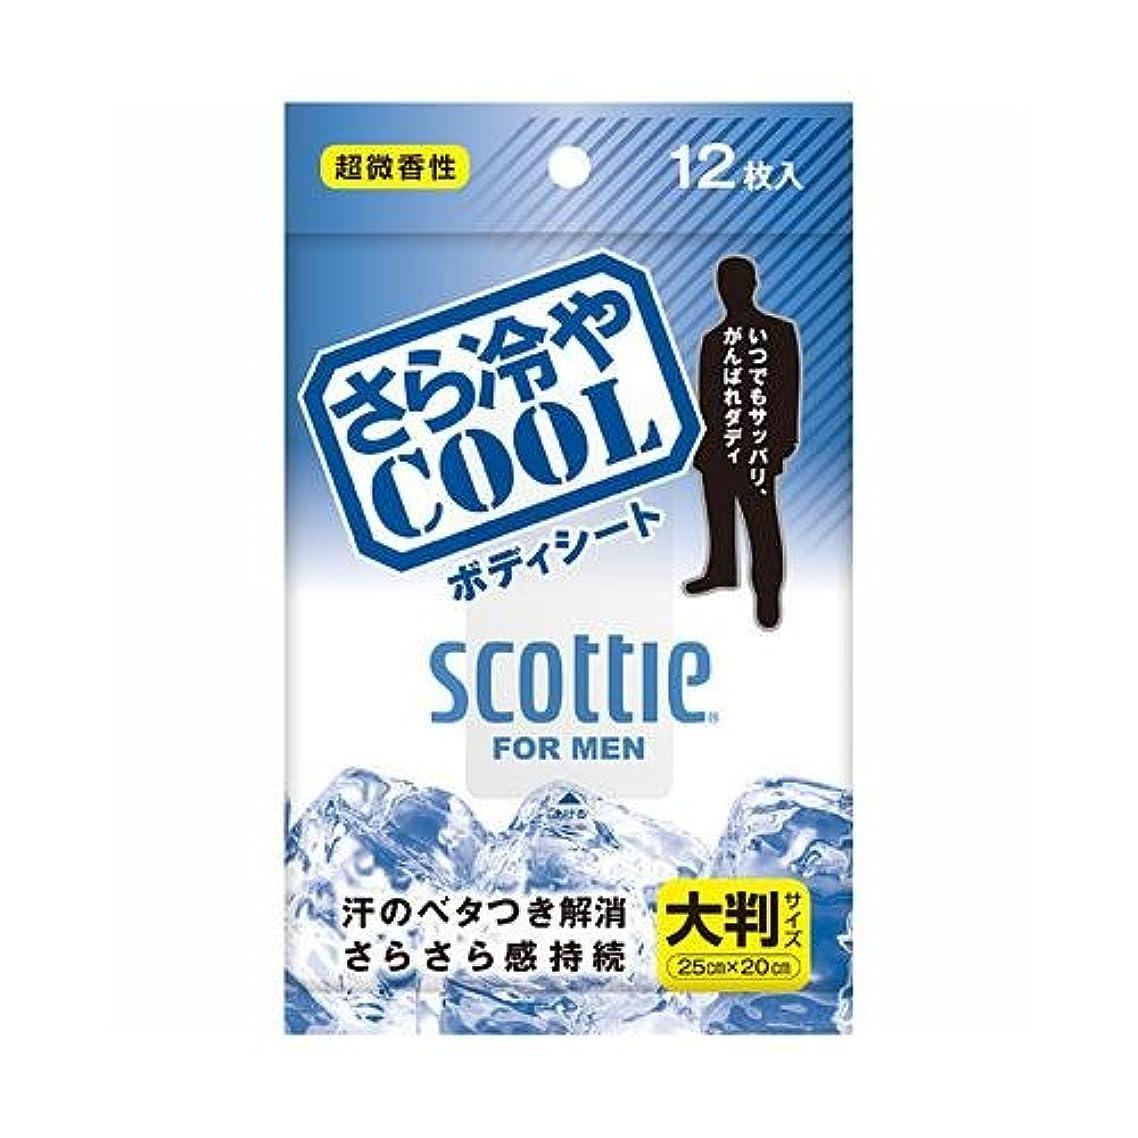 ディーラー阻害する執着スコッティ さら冷やCOOL ボディシート 12枚入